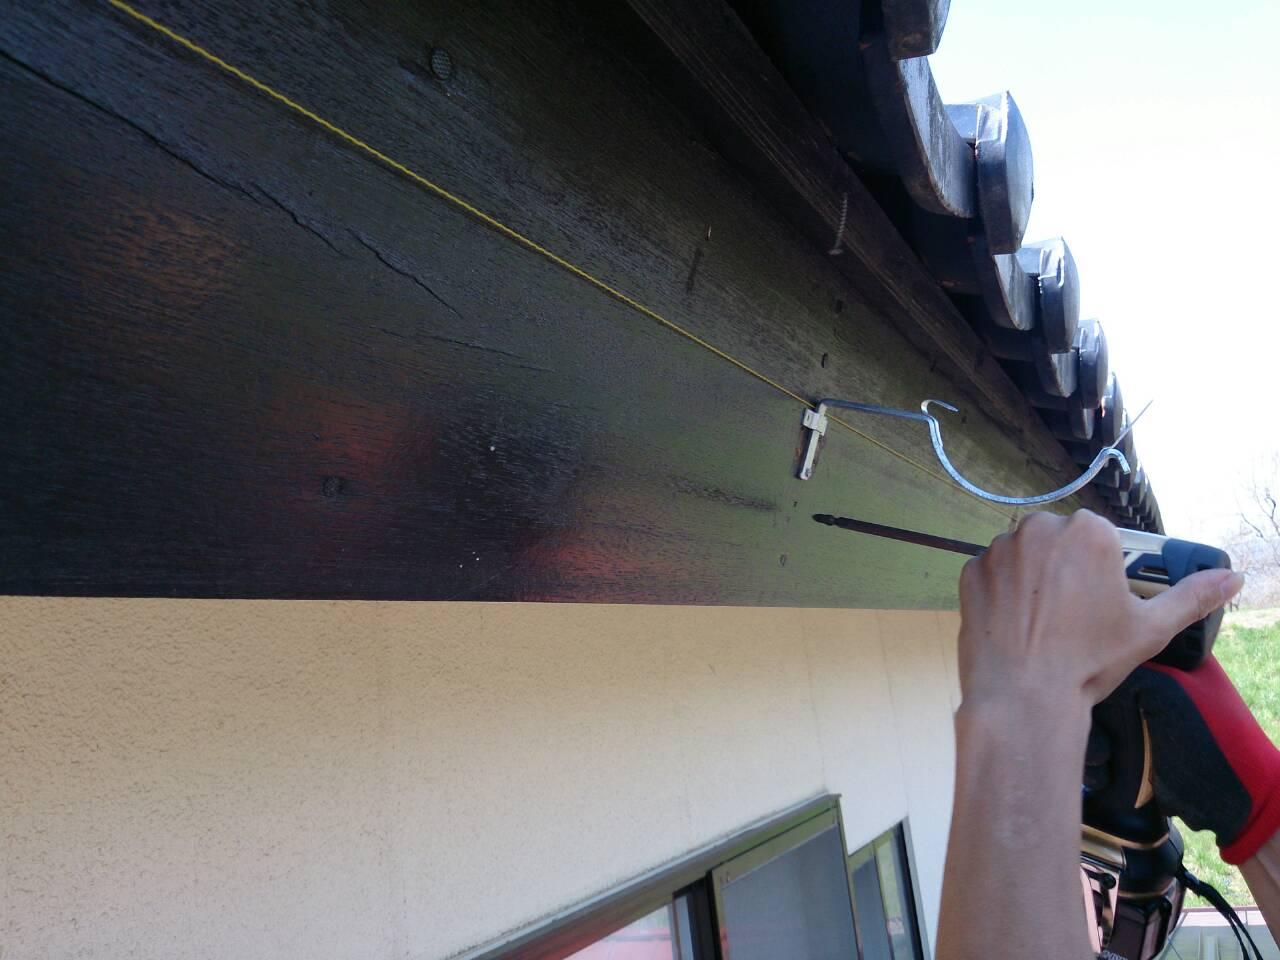 雨樋の支持金具の間隔は適正ですかtop